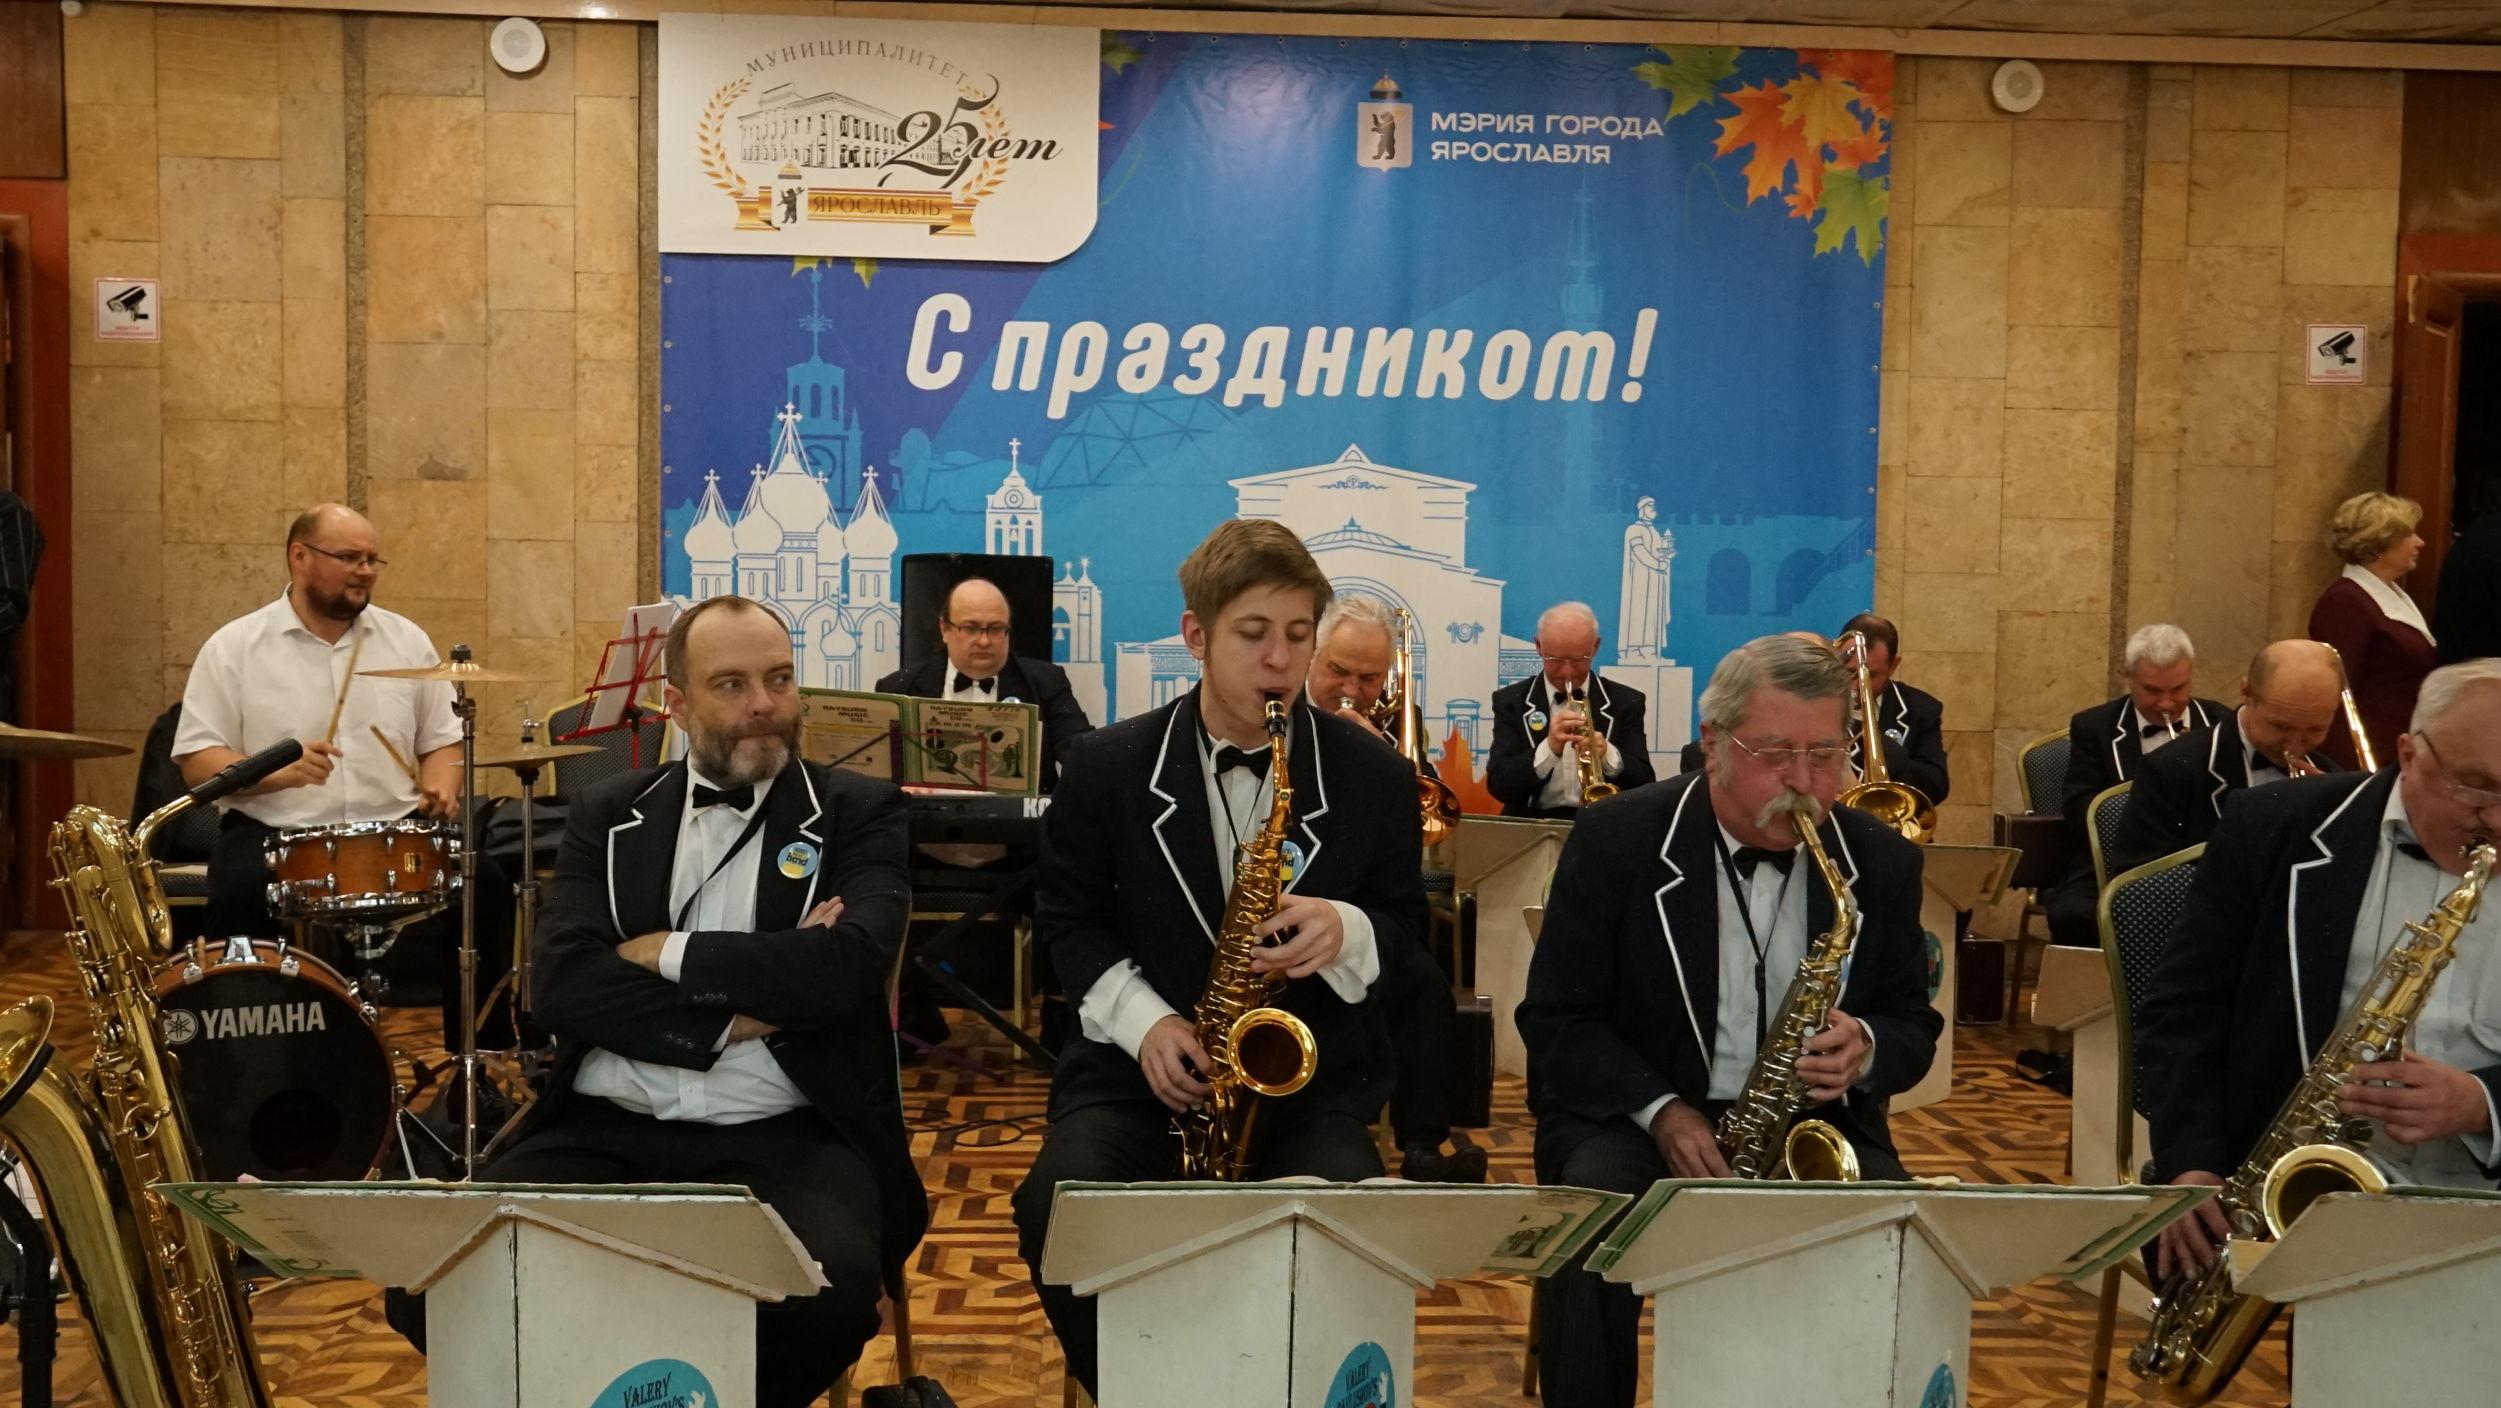 В Ярославле торжественно отметили 25-летие муниципалитета